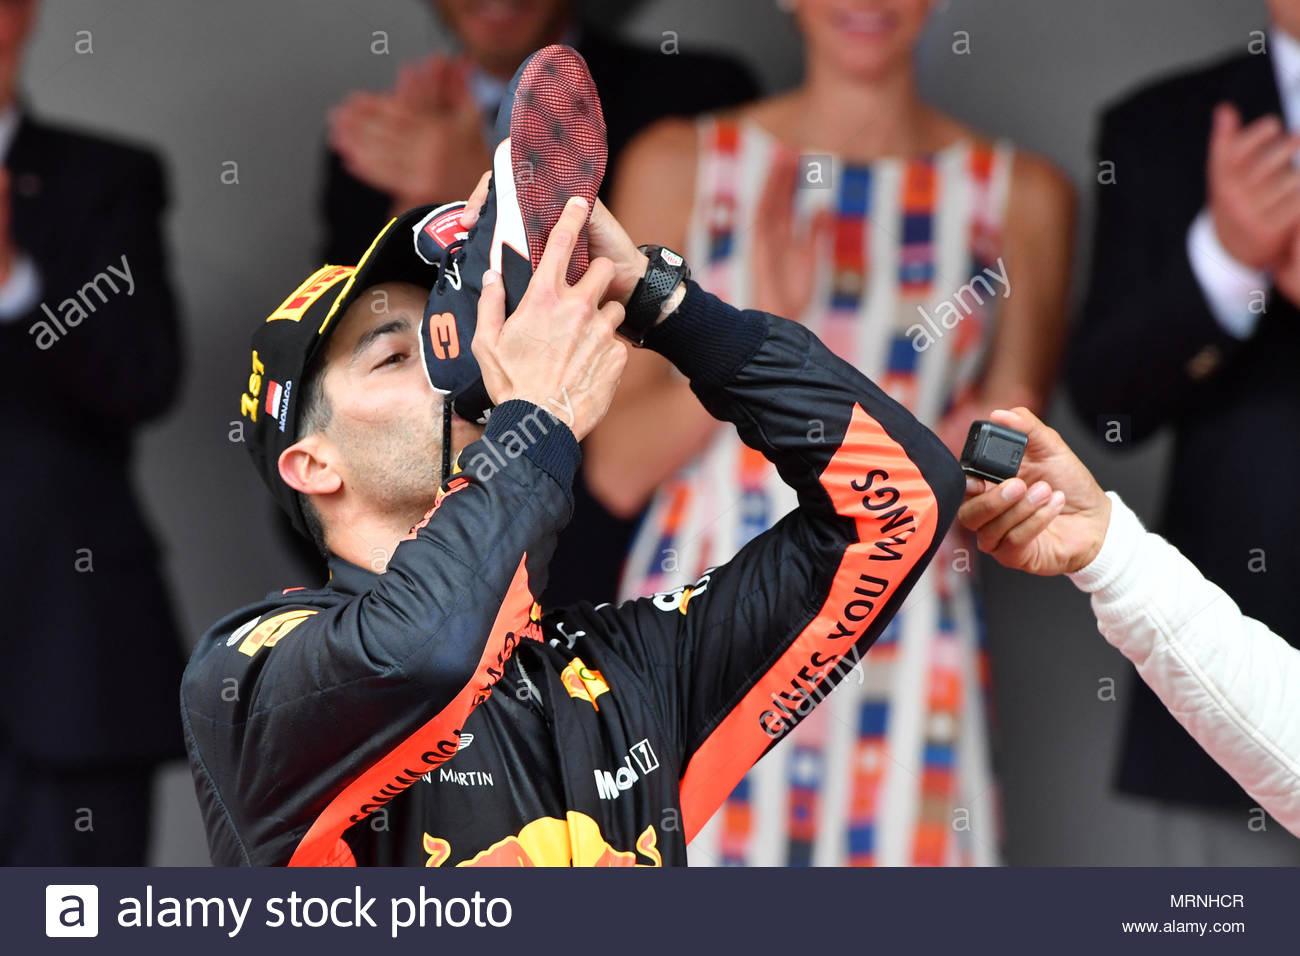 Monte Carlo Monaco Mayo 27 Ganador De La Carrera Daniel Ricciardo Aus Red Bull Racing Celebra En El Podio Con Un Shoey Durante El Gp De Monaco En